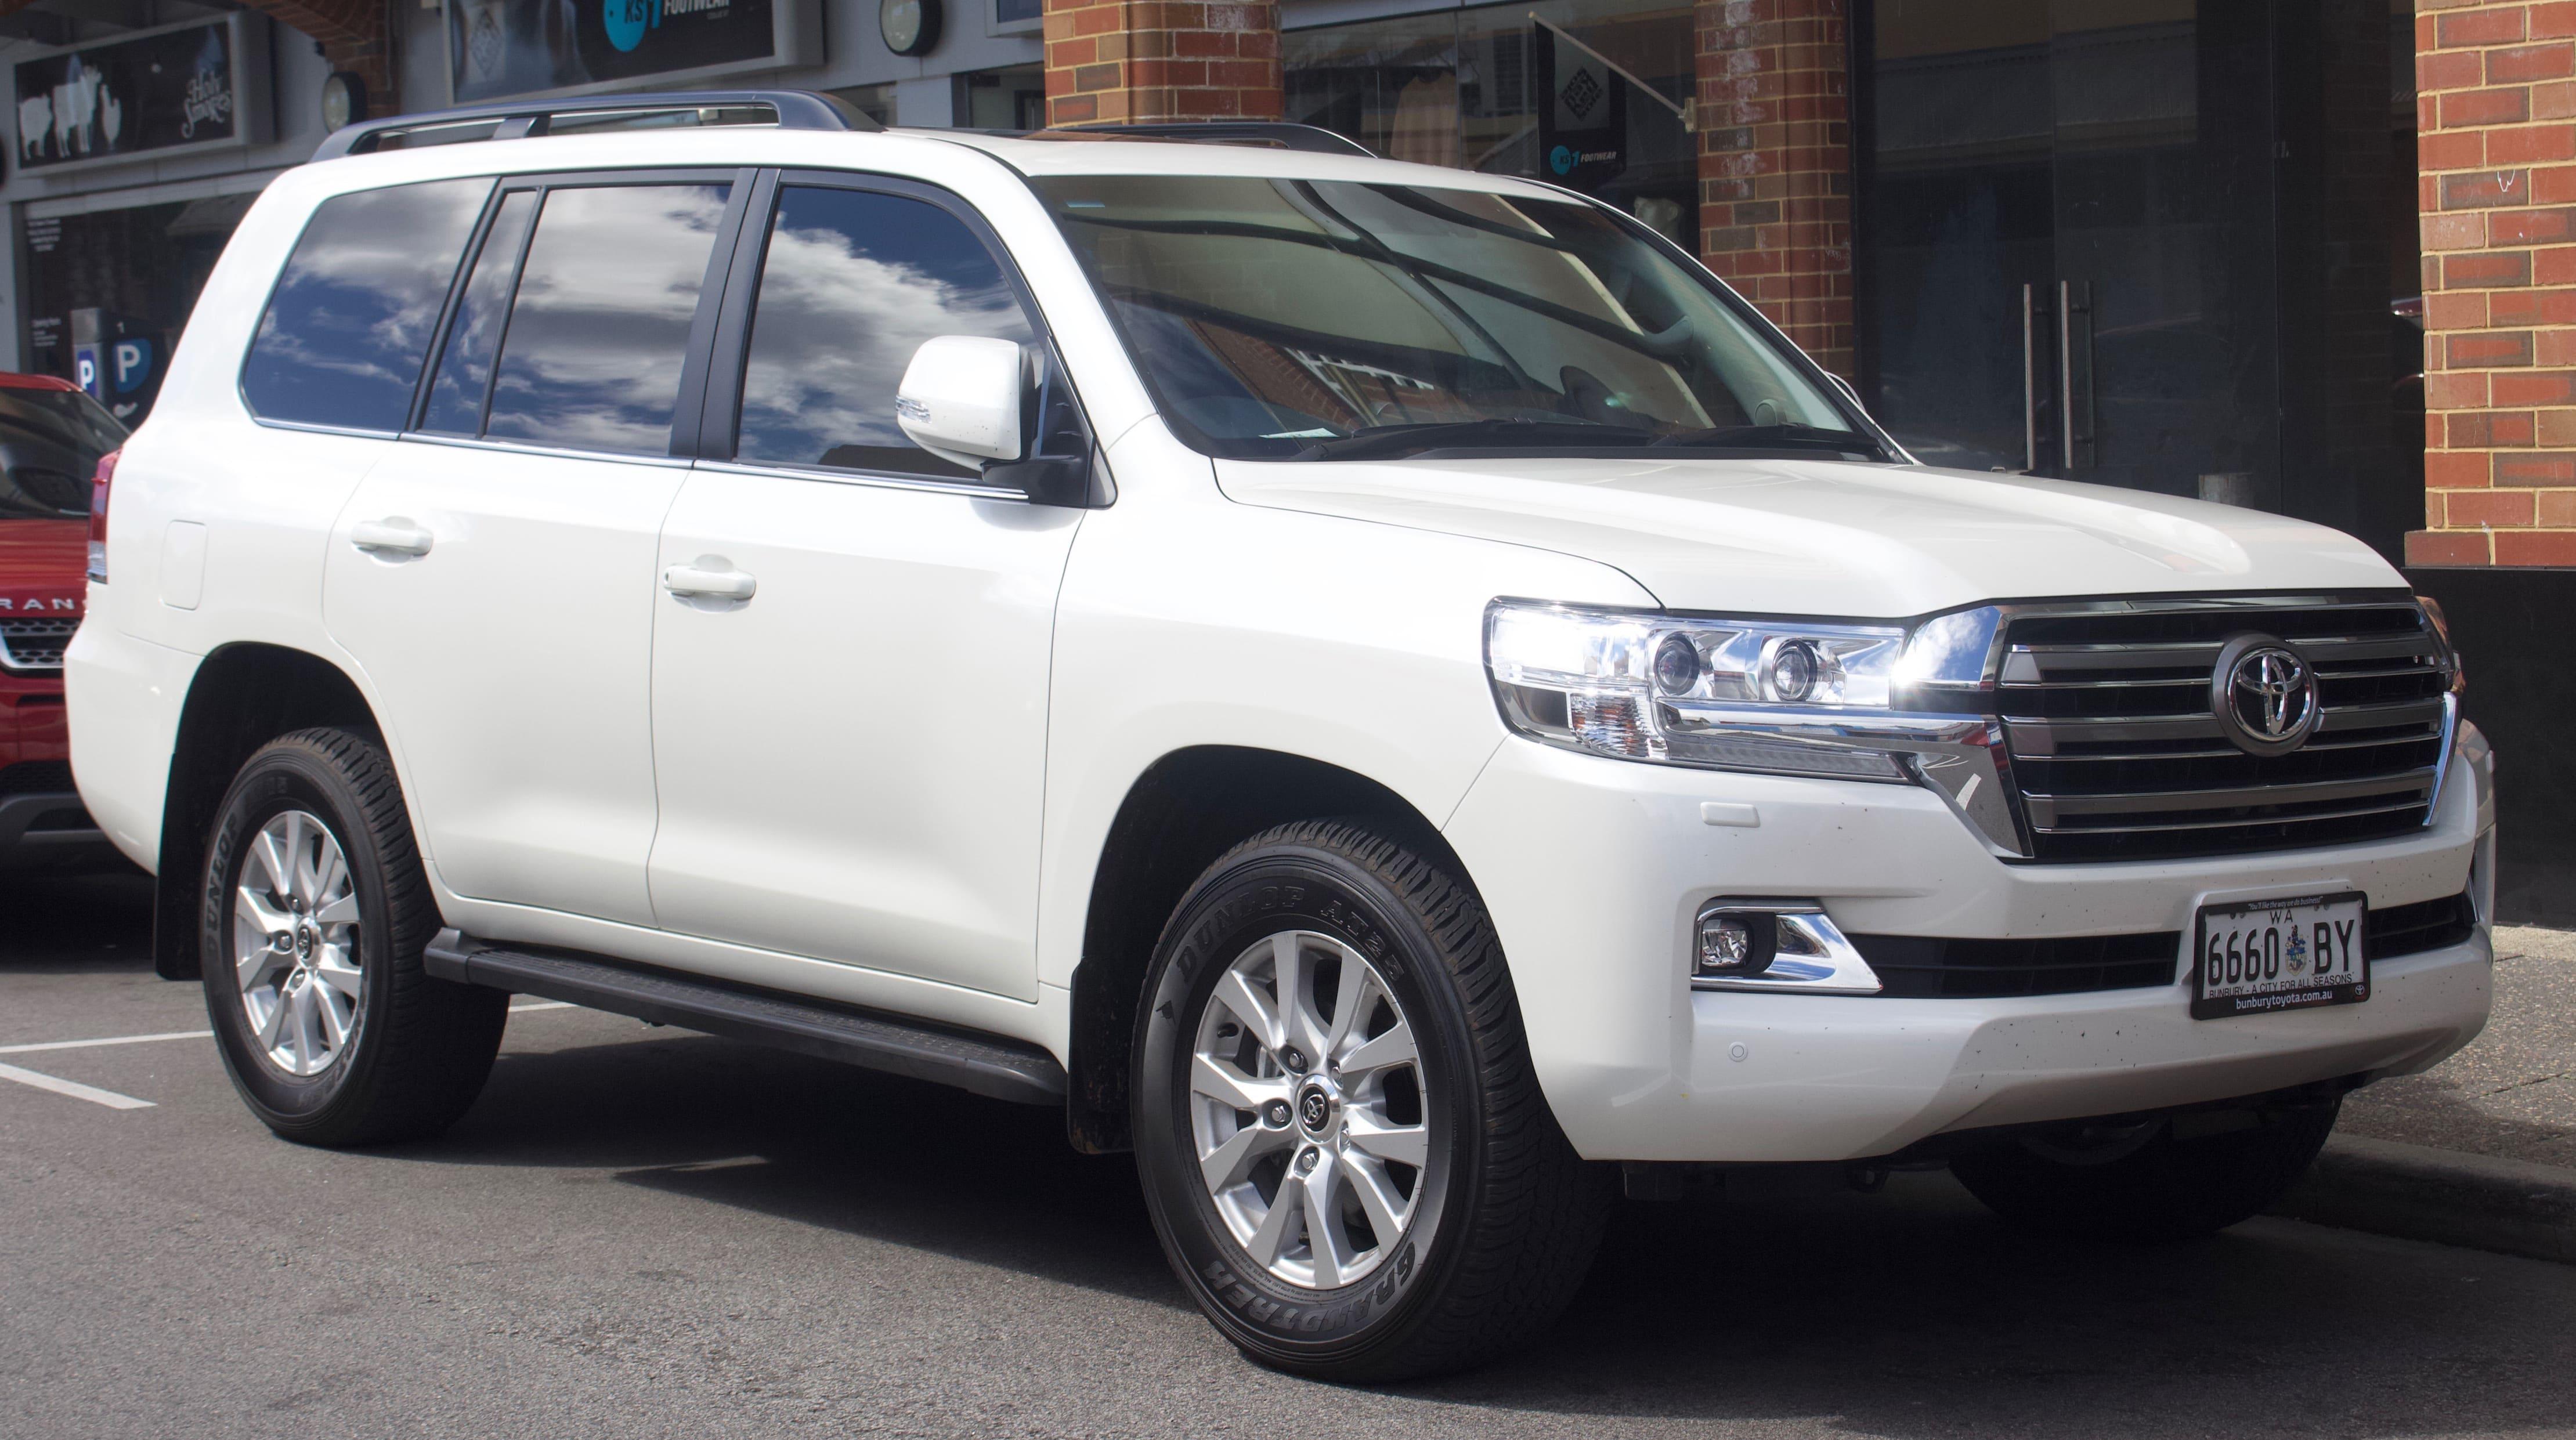 Sulitnya Menebak Harga Toyota Land Cruiser, Mobil Off Road Mewah dan Tangguh 14